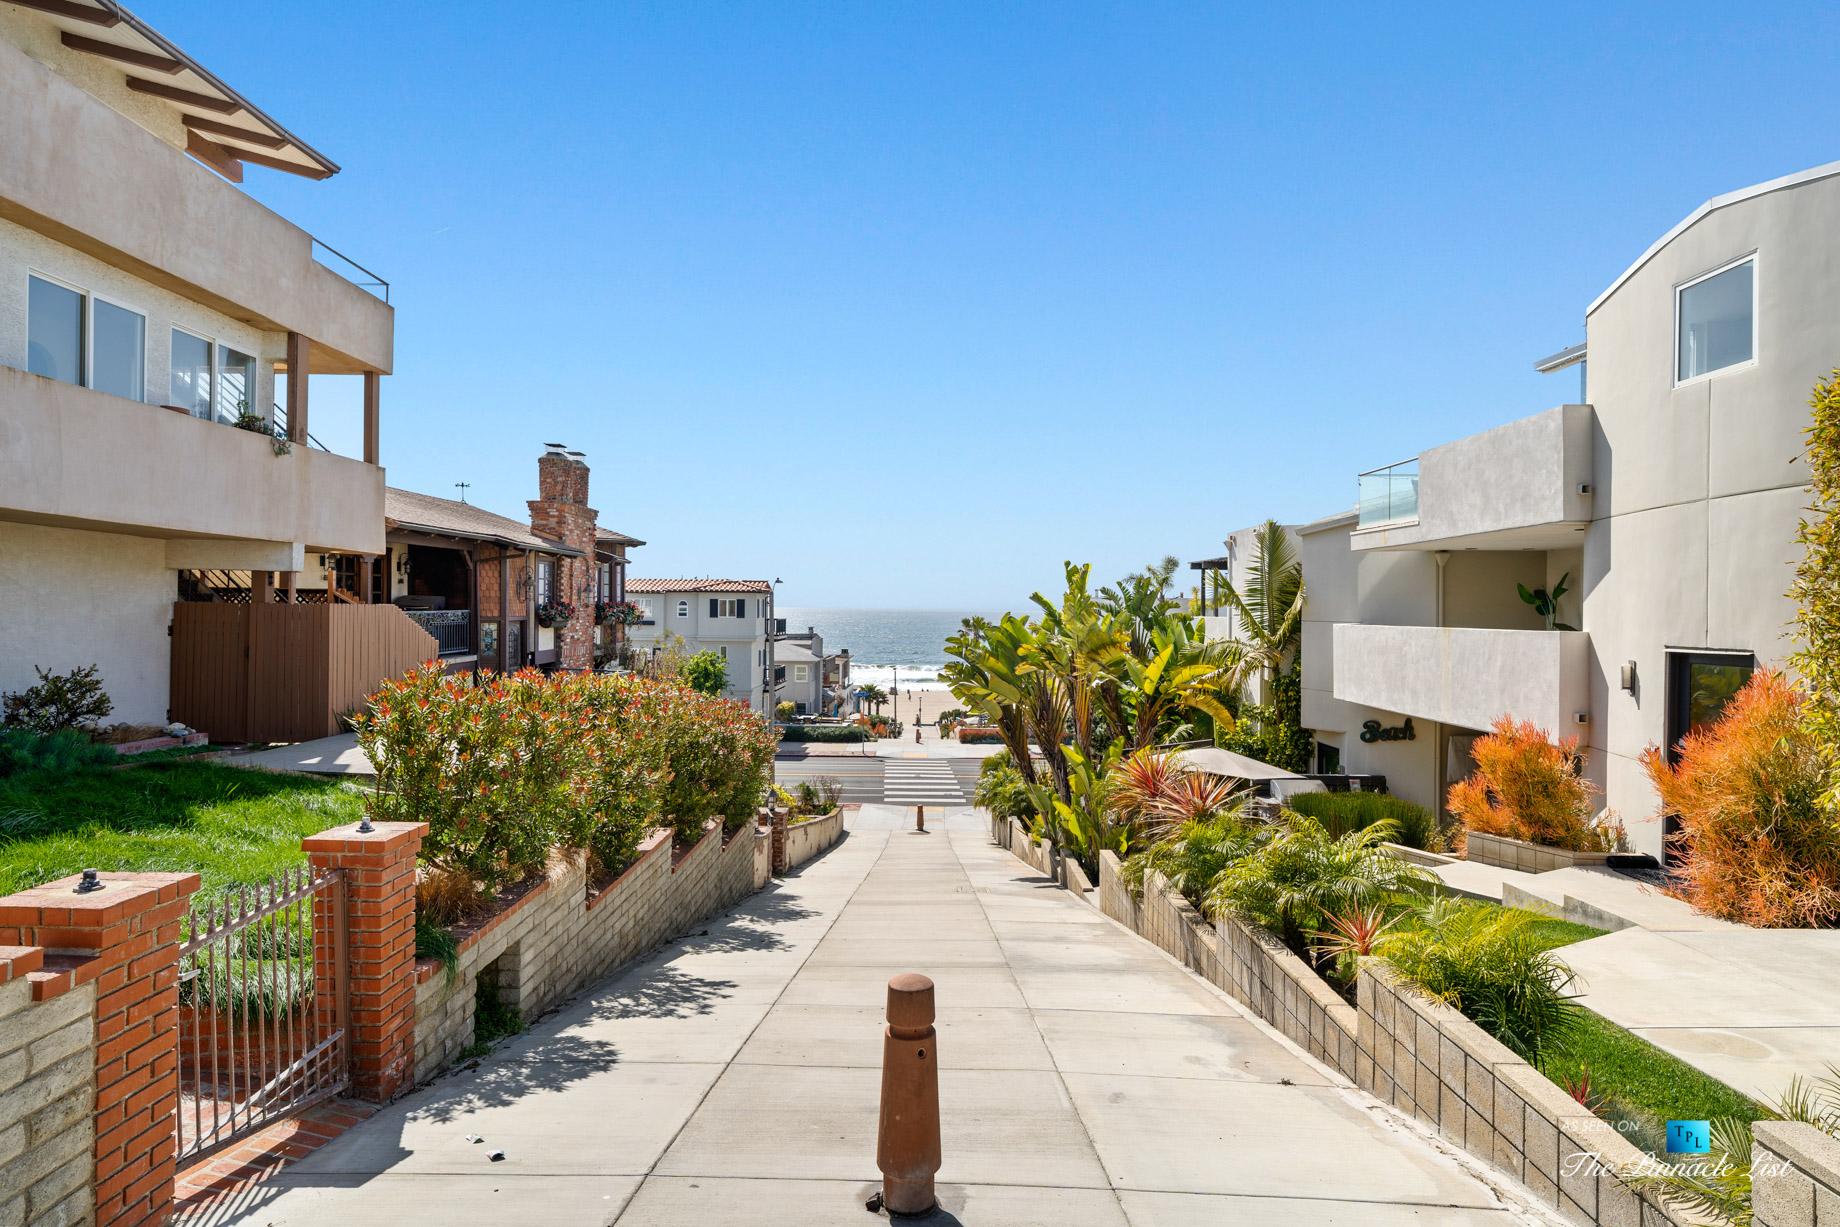 216 7th St, Manhattan Beach, CA, USA – Luxury Real Estate – Coastal Villa Home – Beach Path